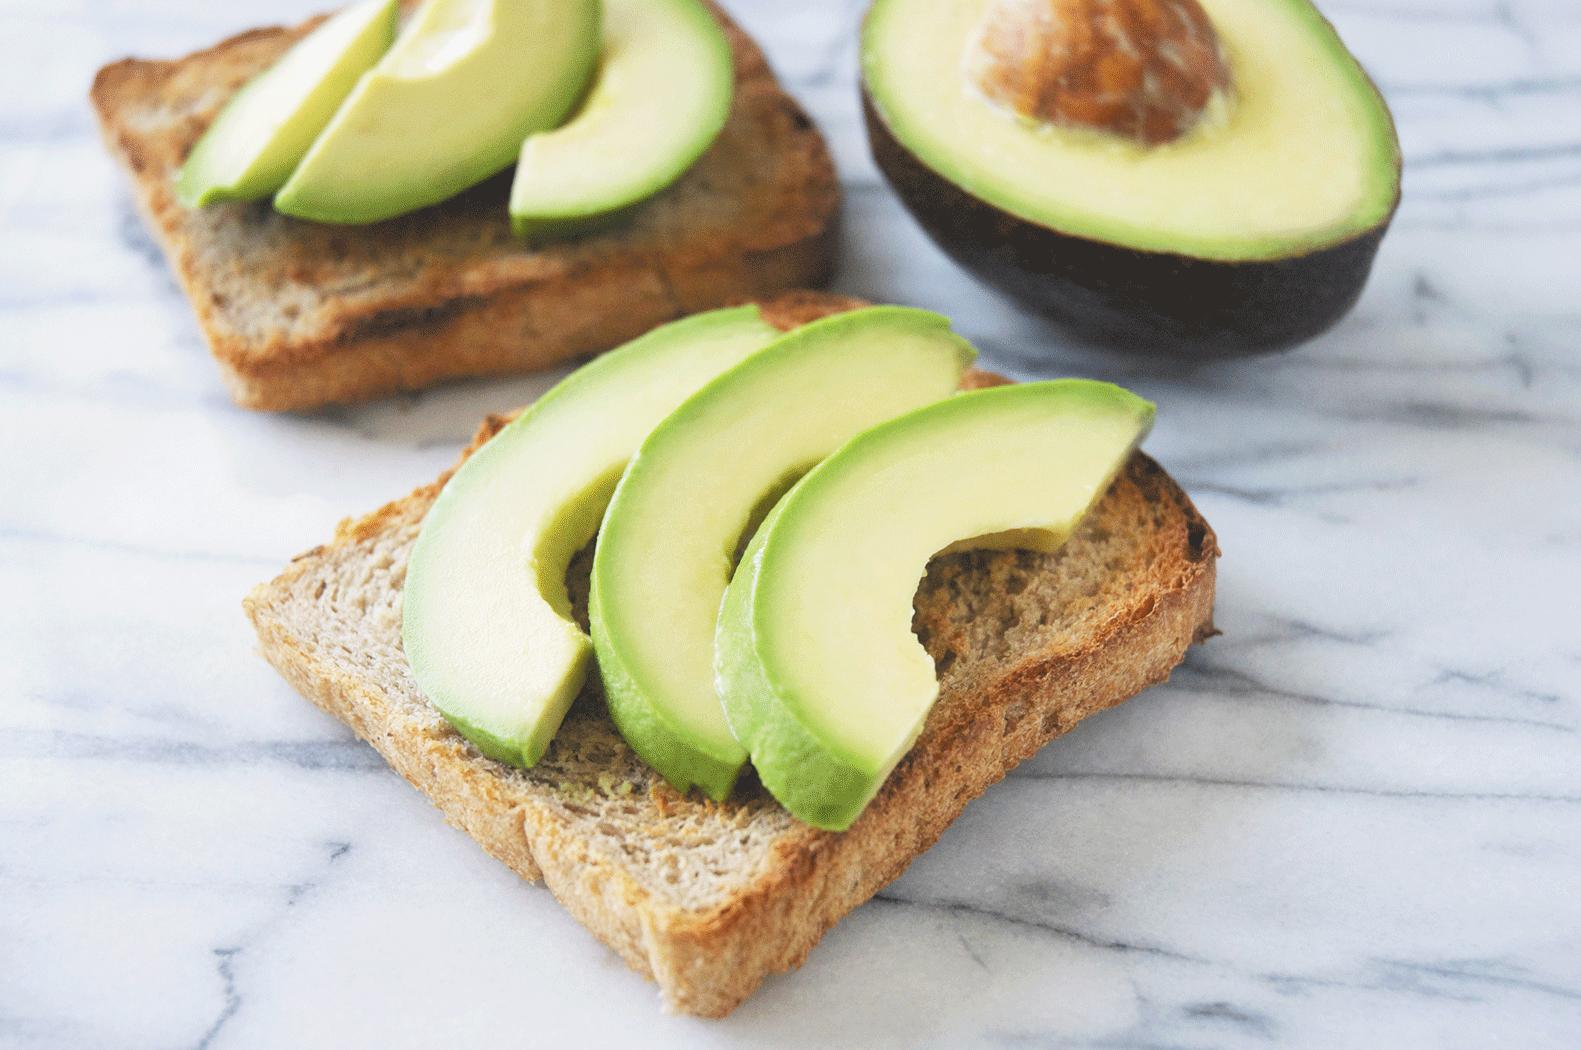 healthy-fat-avocado-fats